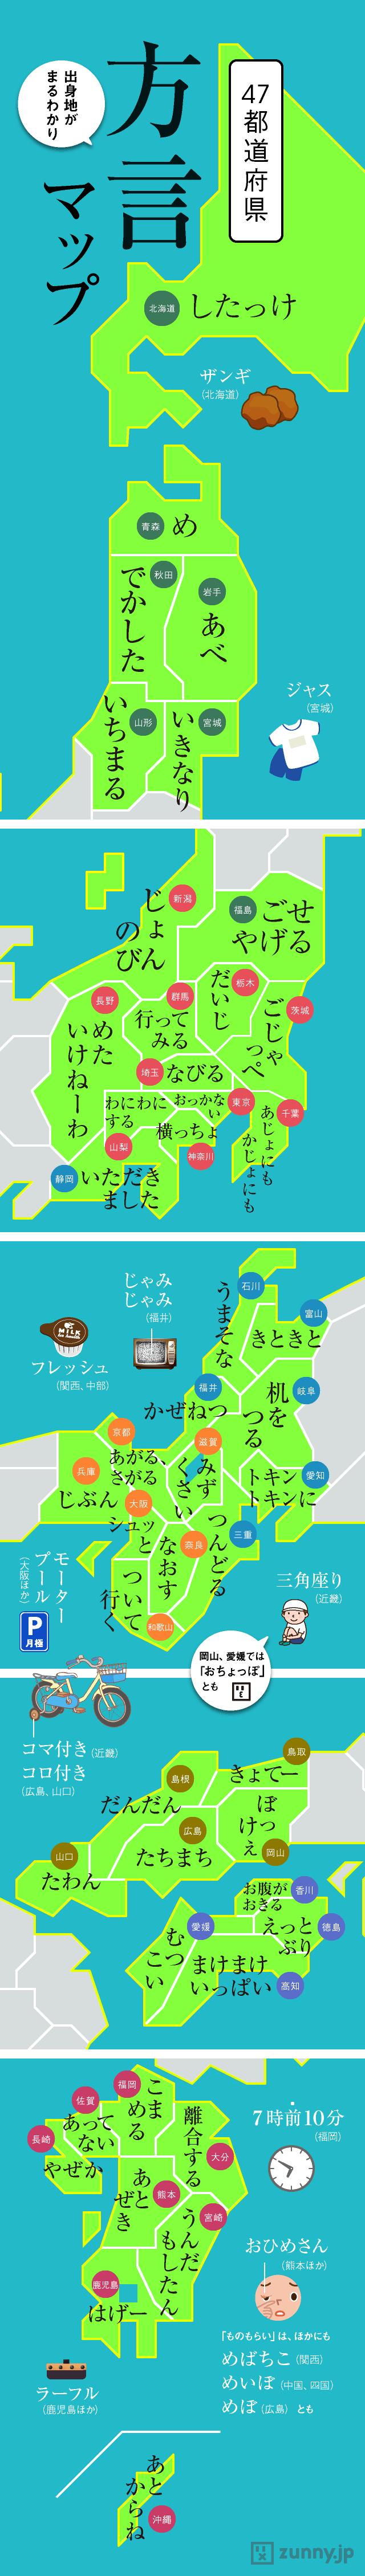 インフォグラフィック:日本語方言地図。地域ごとに方言の種類はこんなにも多い